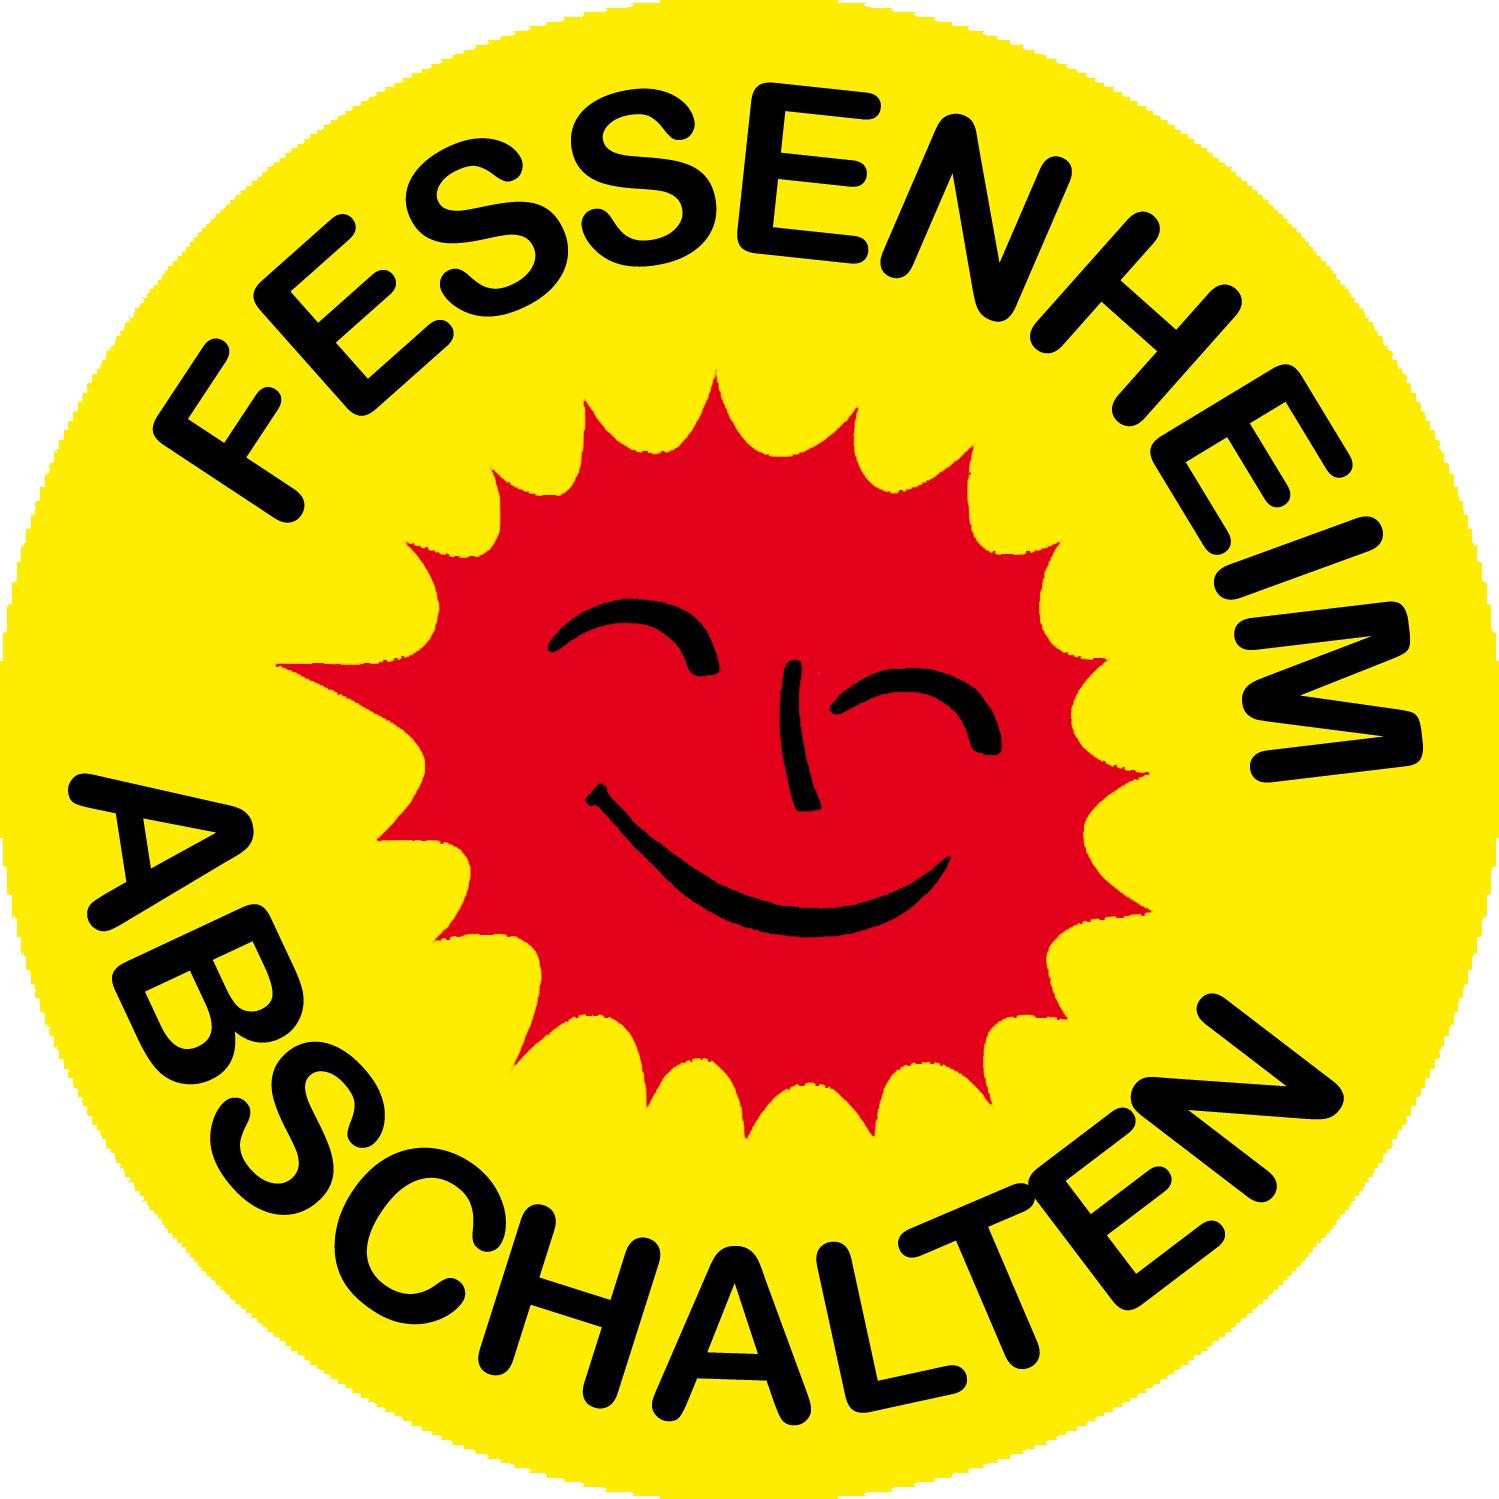 Pressemitteilung: Resolution: Keine neuen Atomanlagen im Elsass